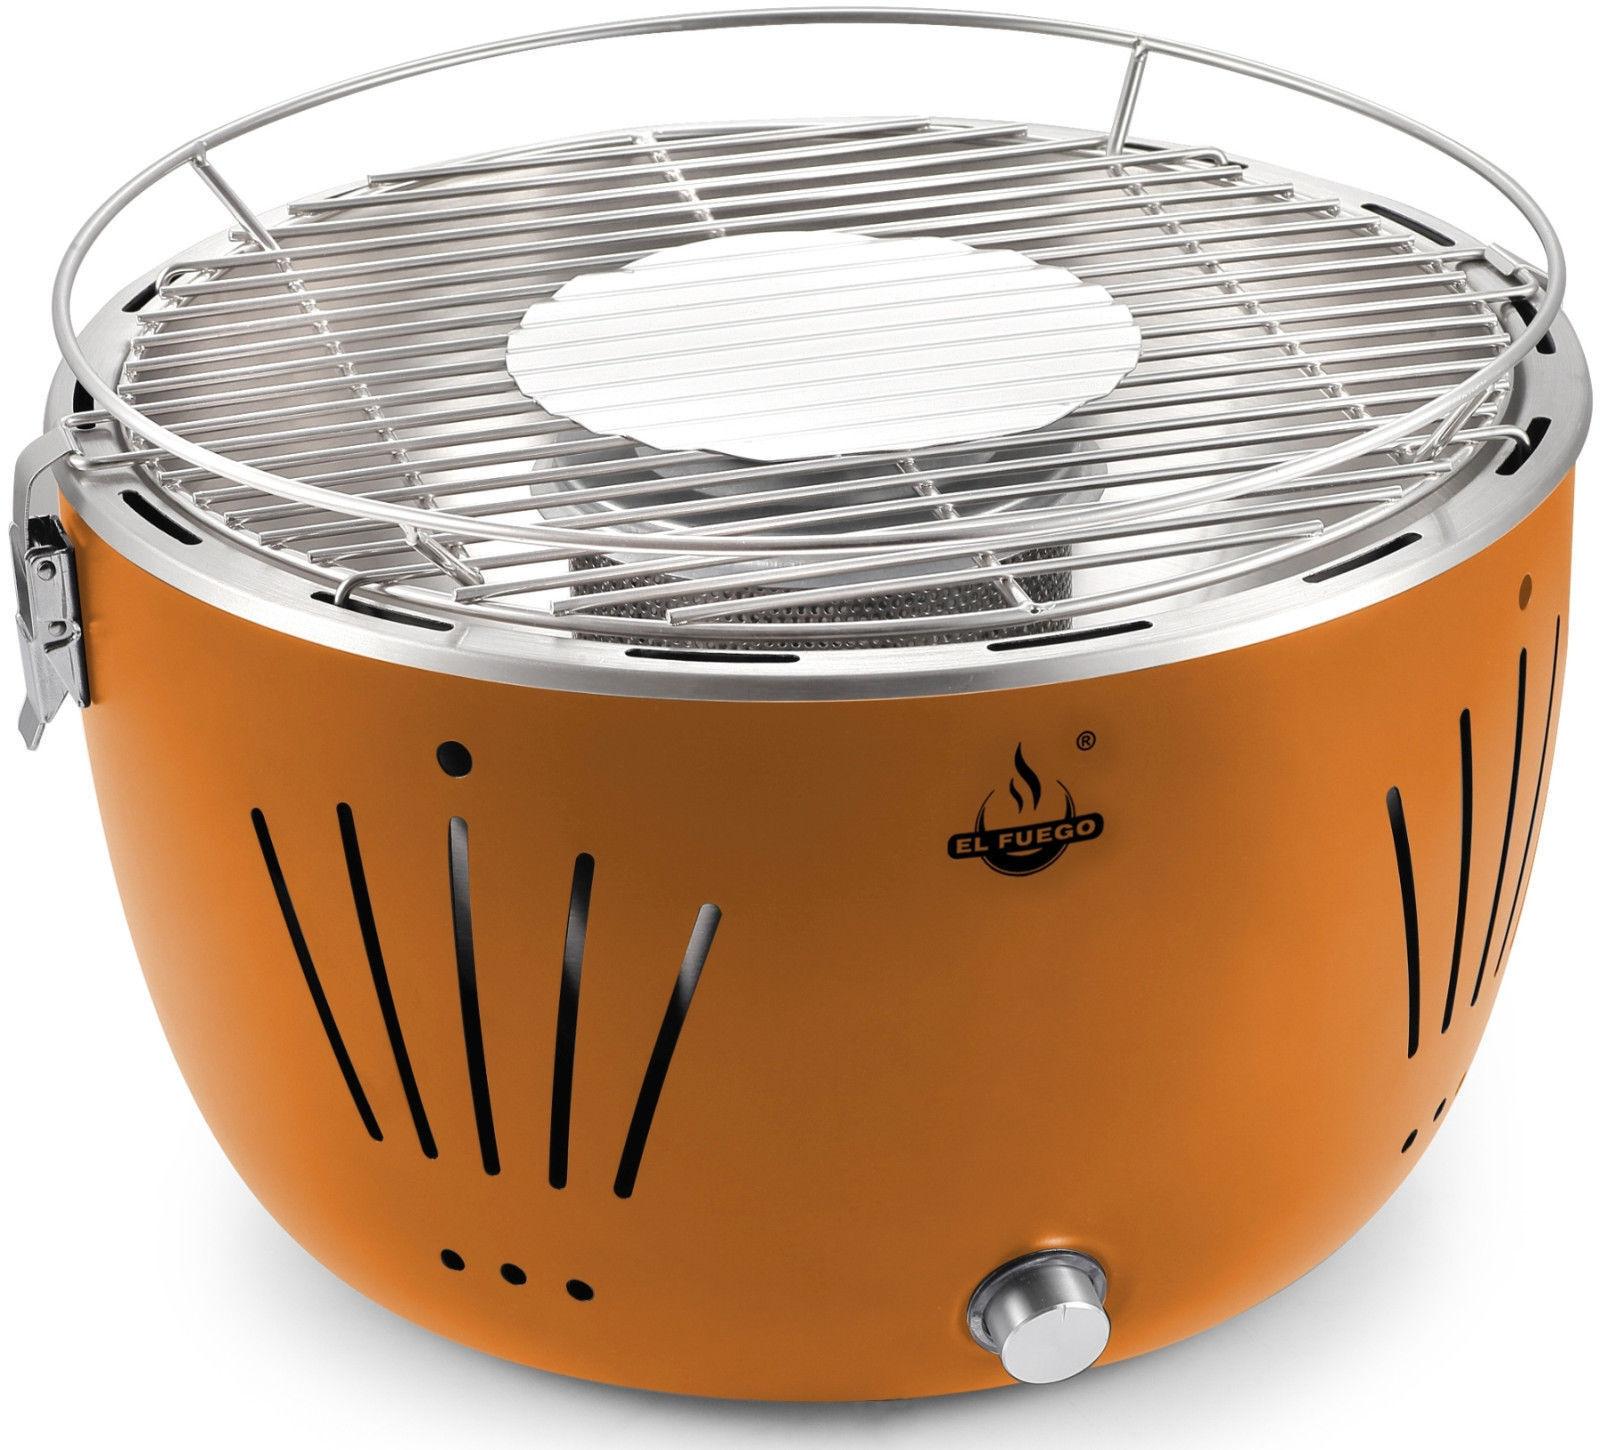 tisch kohle grill test vergleich +++ tisch kohle grill günstig kaufen!